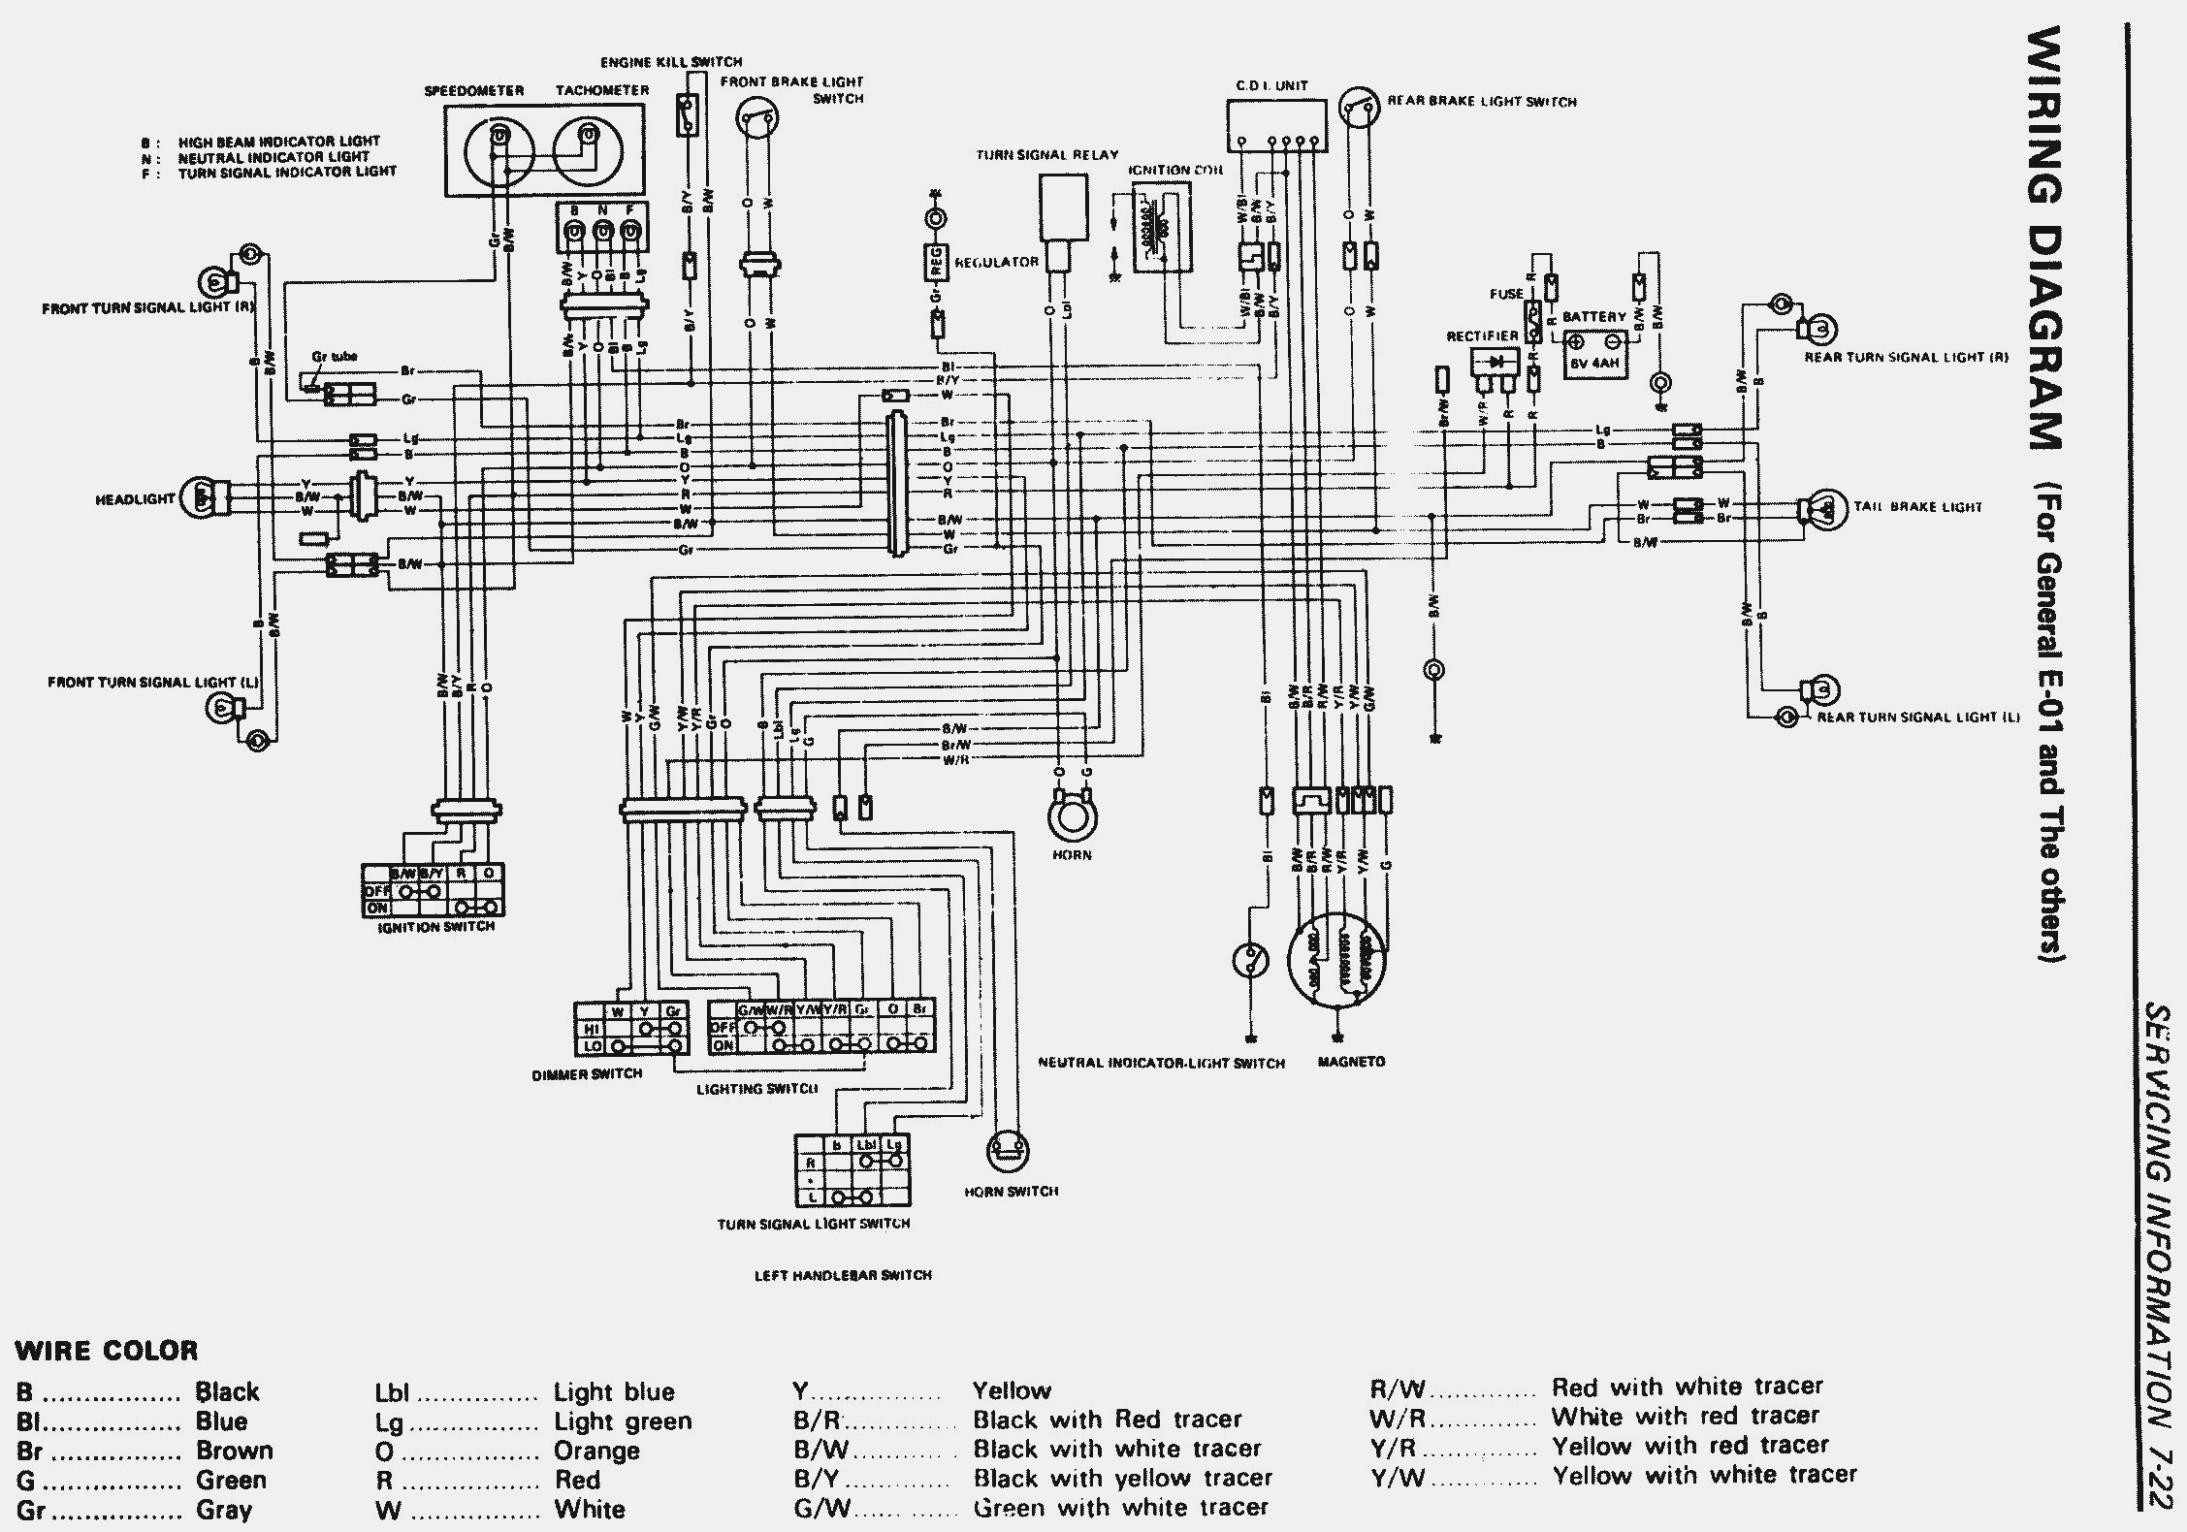 Groovy Suzuki Ts Likewise Suzuki Ltz 400 Wiring Diagrams Suzuki Atv Wiring Wiring Cloud Loplapiotaidewilluminateatxorg